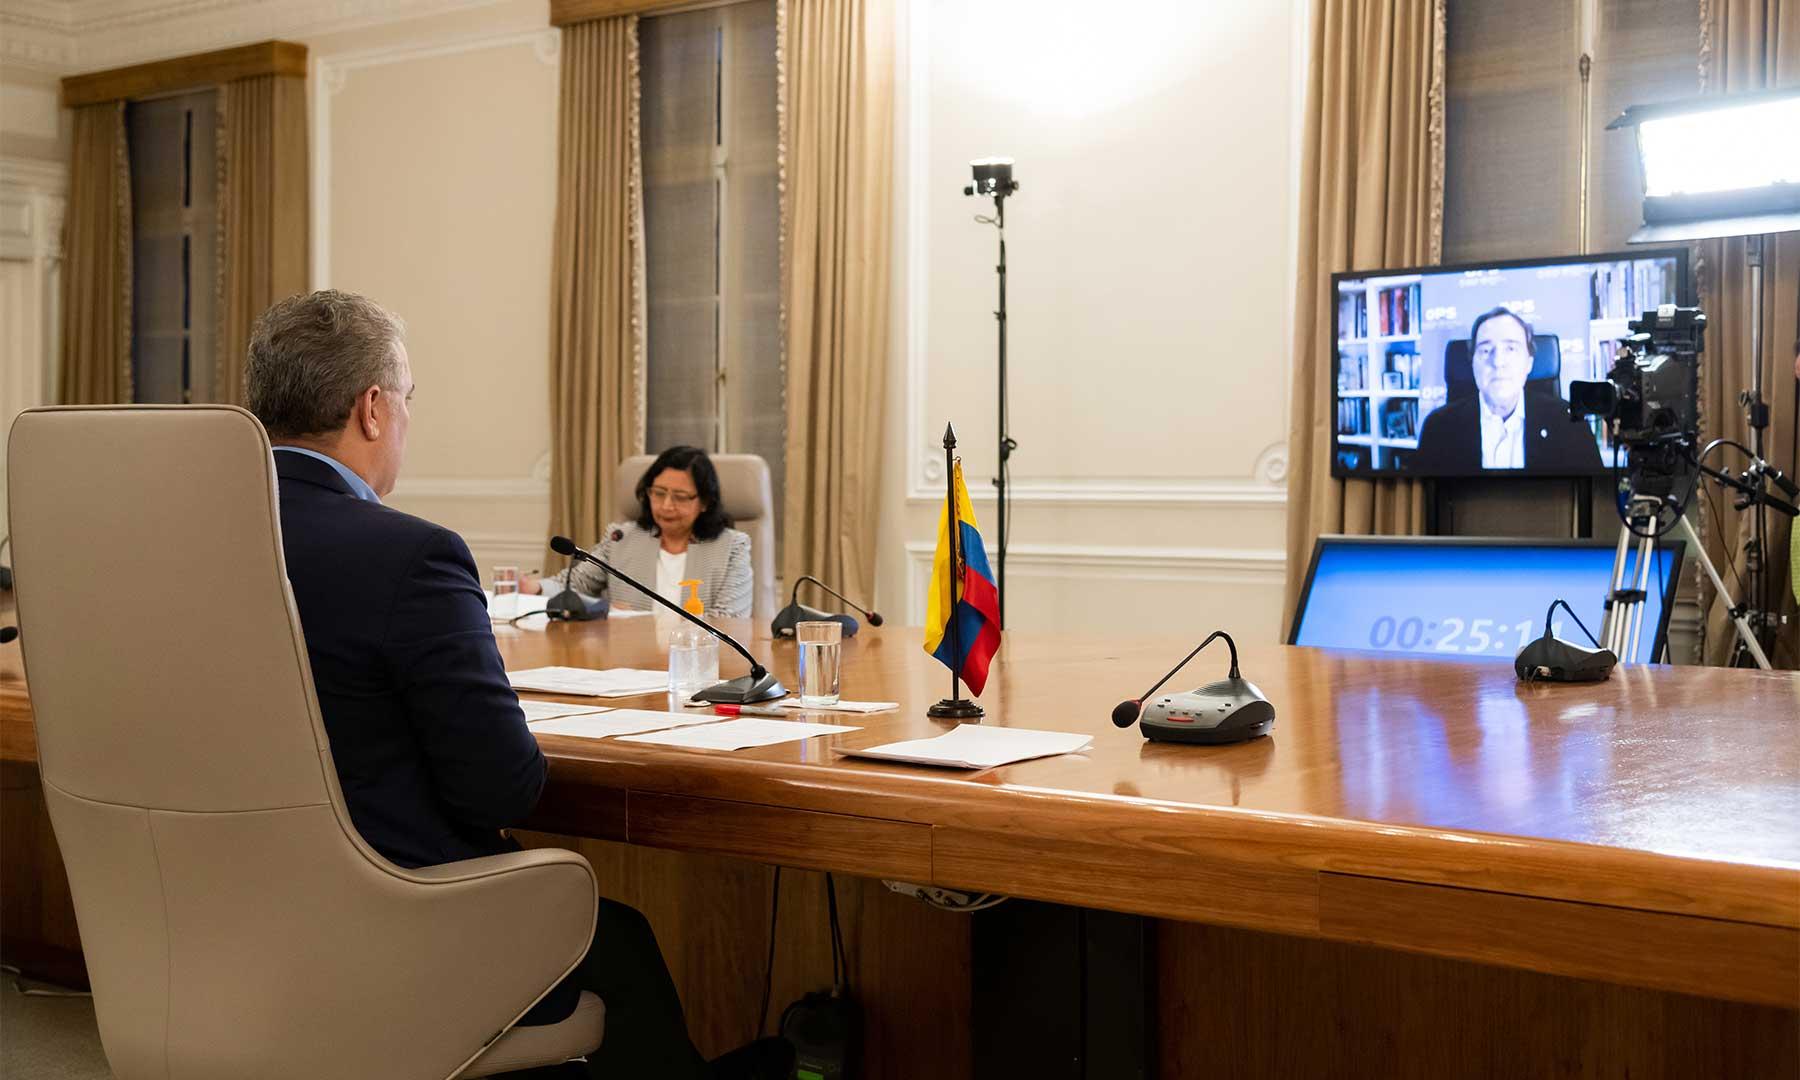 En el especial de televisión 'Prevención y Acción', el Subdirector de la Organización Panamericana de la Salud (OPS), Jarbas Barbosa, destacó las medidas adoptadas por Colombia para proteger del covid-19 a los adultos mayores.